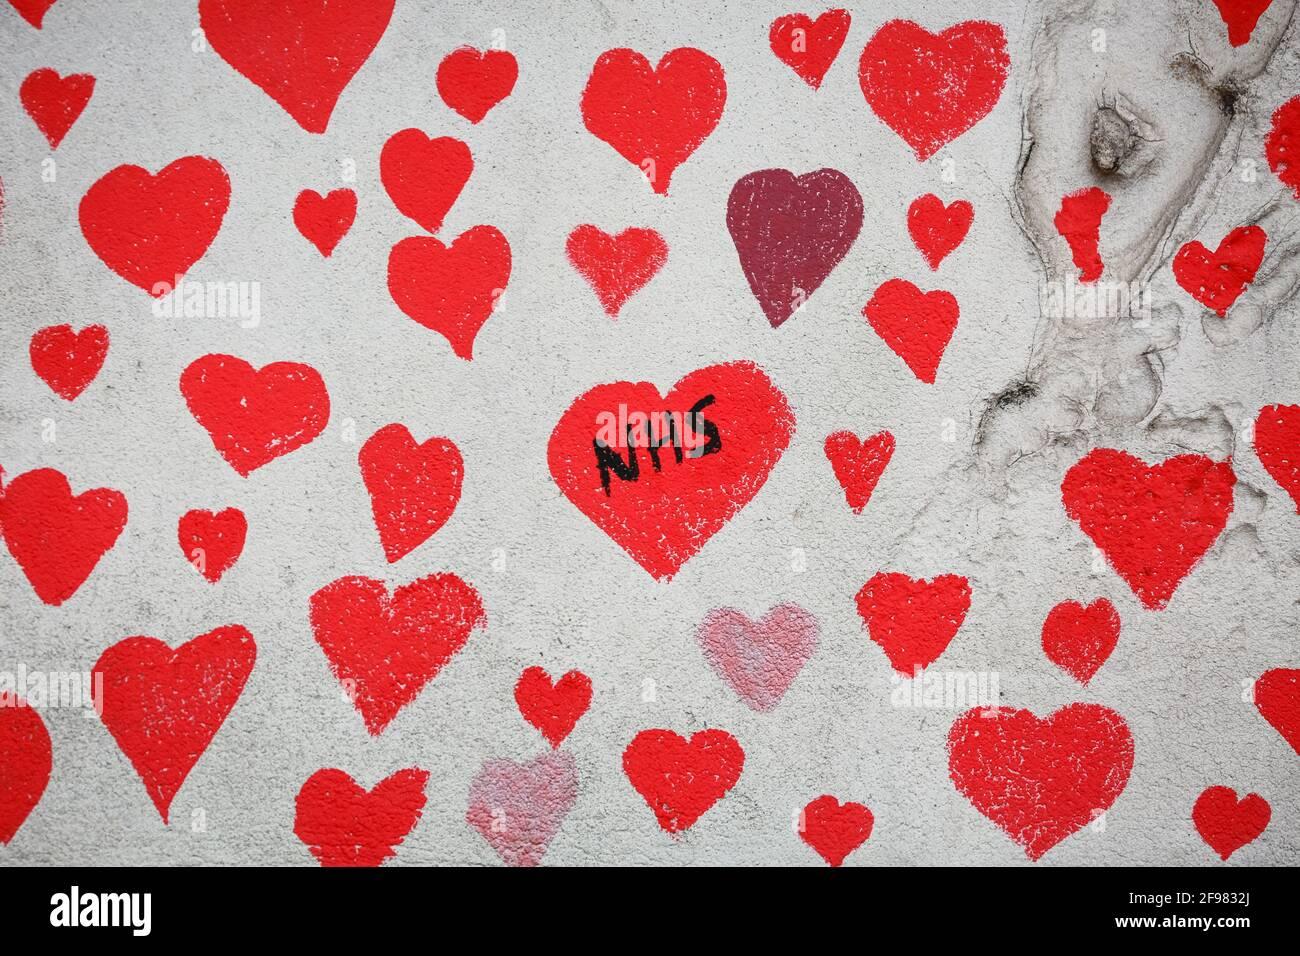 Londra, Regno Unito. 13 aprile 2021. Il National COVID Memorial Wall - mano ha disegnato cuori rossi su un muro di fronte al Parlamento. Credito: Waldemar Sikora Foto Stock